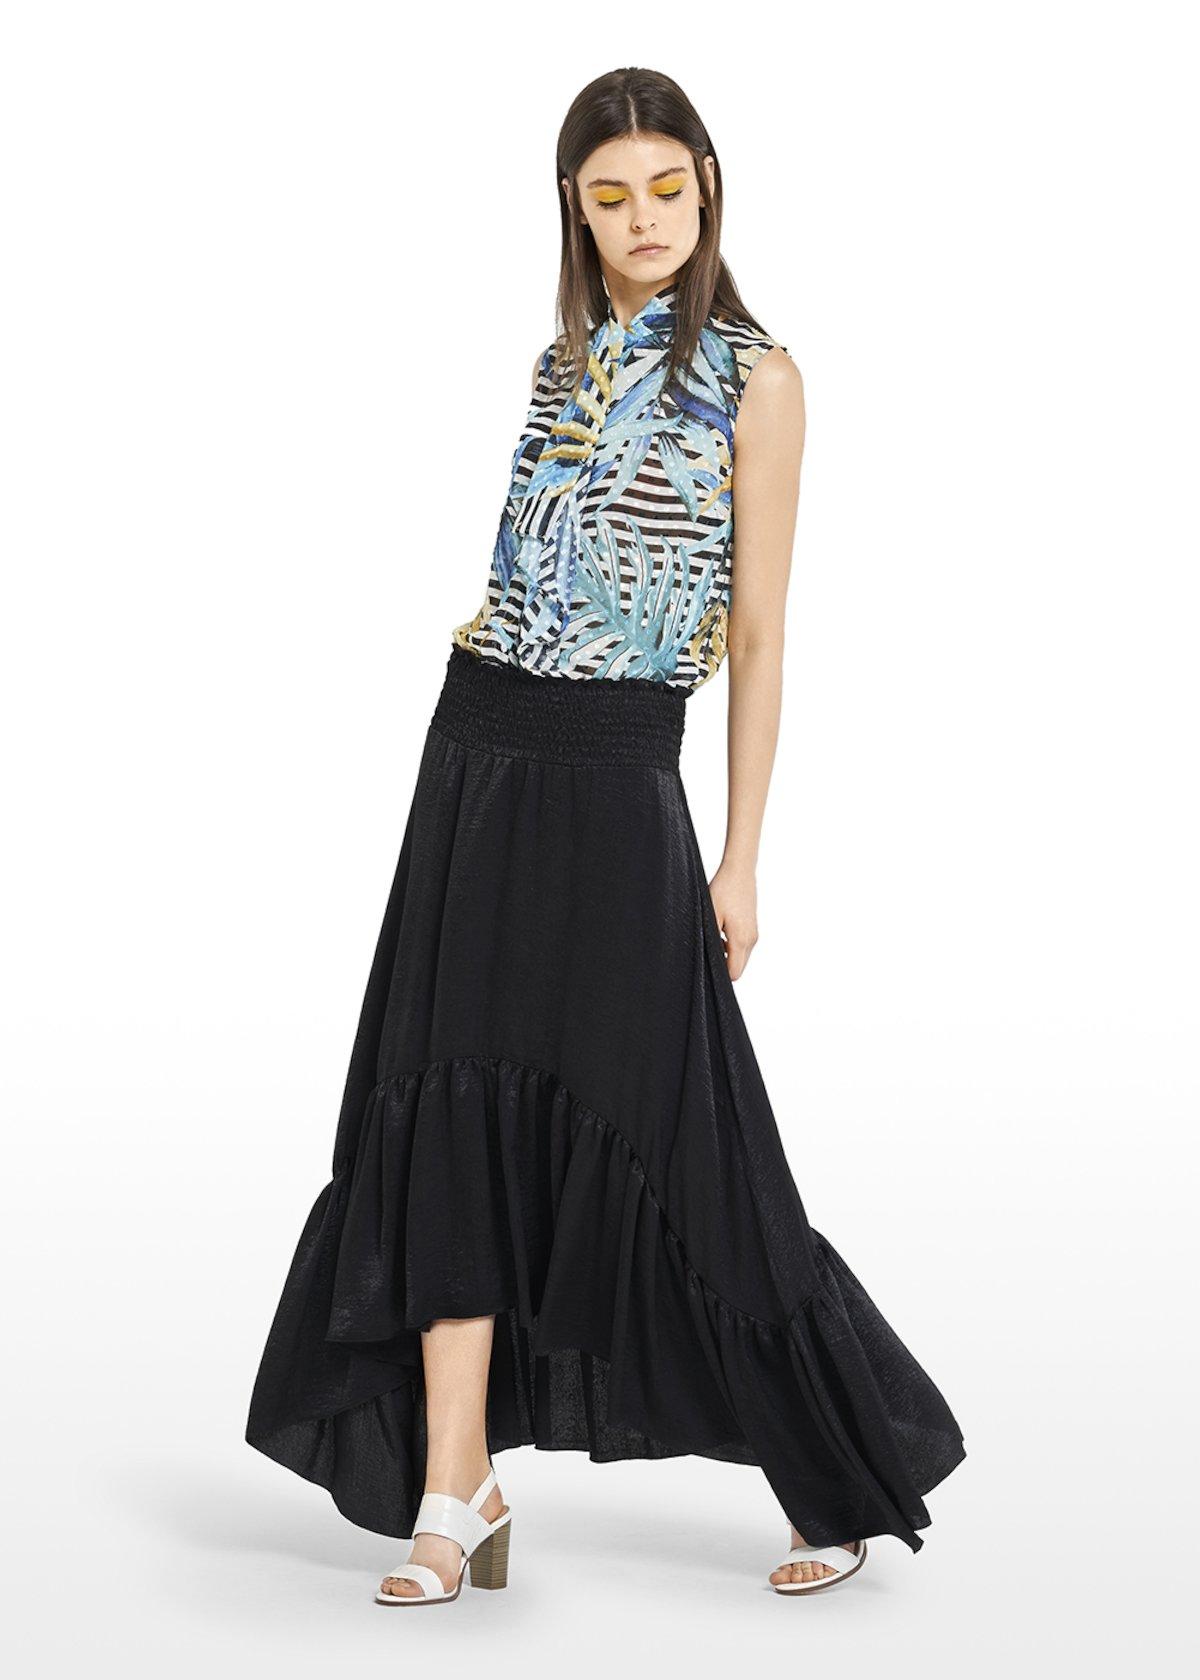 Asymmetric Giady Skirt with maxi flounce on the bottom - Black - Woman